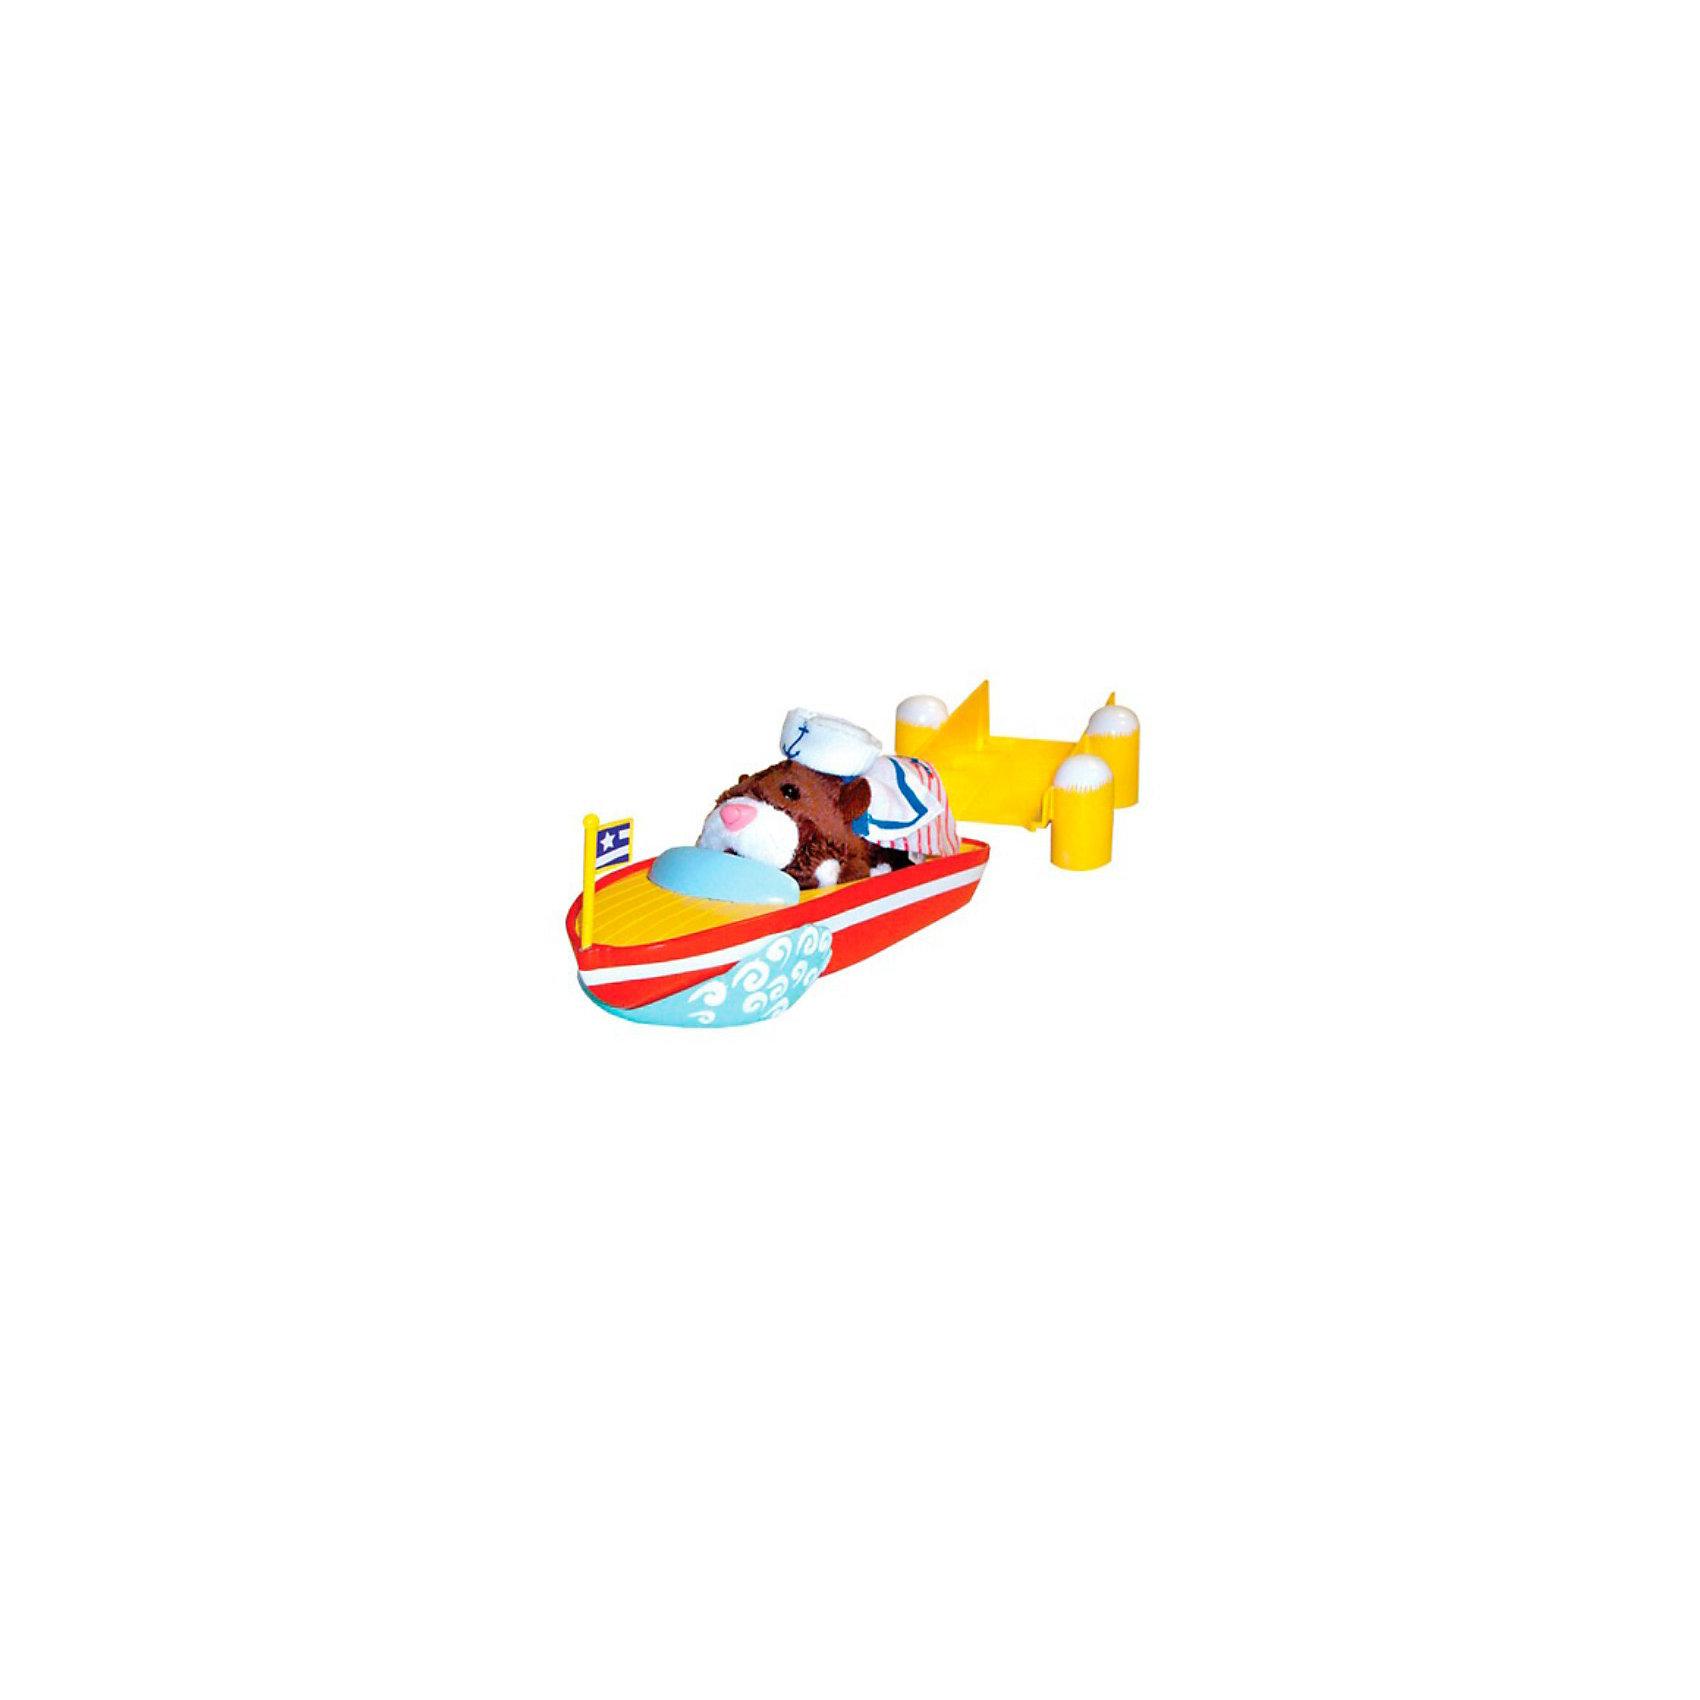 Cepia Лодка и причал  для хомячков из серии Жу Жу ПетсМашинки<br>Данный набор является дополнением для большого дома хомяков Жу Жу или самостоятельной игрушкой для хомячков. <br><br>Дополнительная информация:<br>В комплекте: лодка для хомячка и причал.<br><br>Хомячки в этот набор не входят и приобретаются отдельно.<br><br>Размер упаковки:  25.5 х 23 х 10 см<br><br>Ширина мм: 255<br>Глубина мм: 223<br>Высота мм: 102<br>Вес г: 400<br>Возраст от месяцев: 48<br>Возраст до месяцев: 96<br>Пол: Женский<br>Возраст: Детский<br>SKU: 2337215